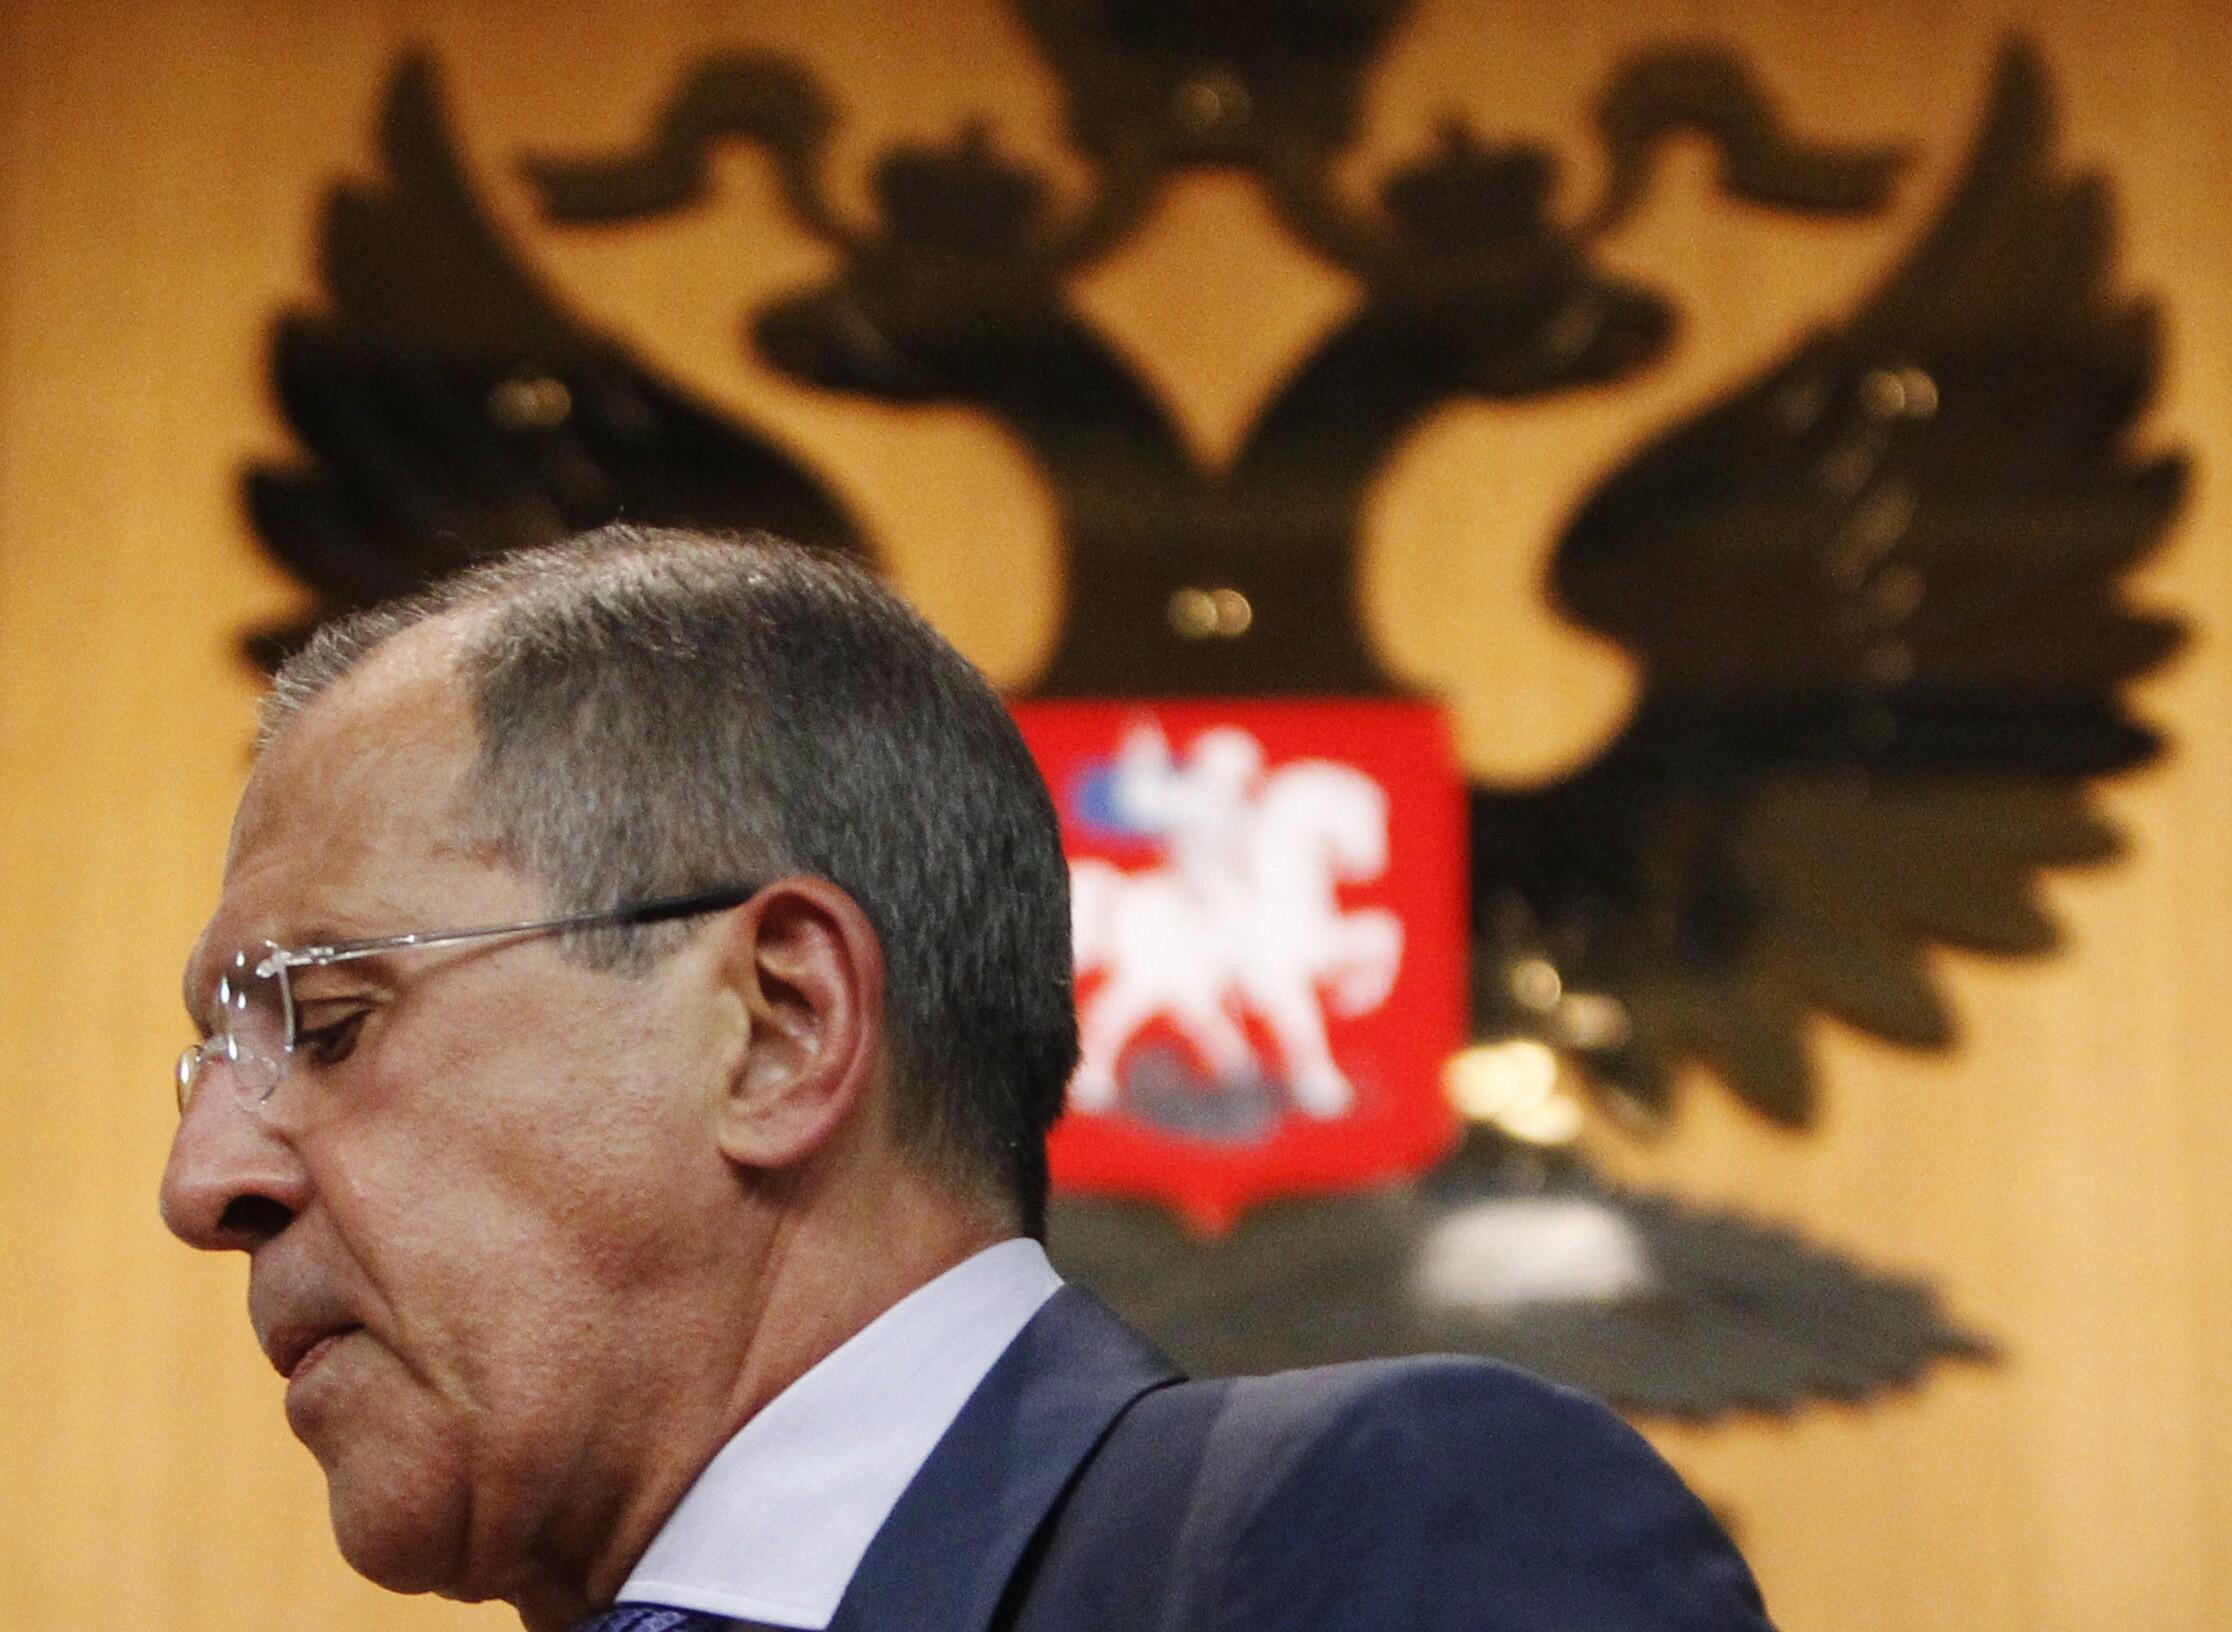 Ngoại trưởng Nga Sergei Lavrov nỗ lực thuyết phục nhưng vẫn không lay chuyển được các nước Tây phương - REUTERS